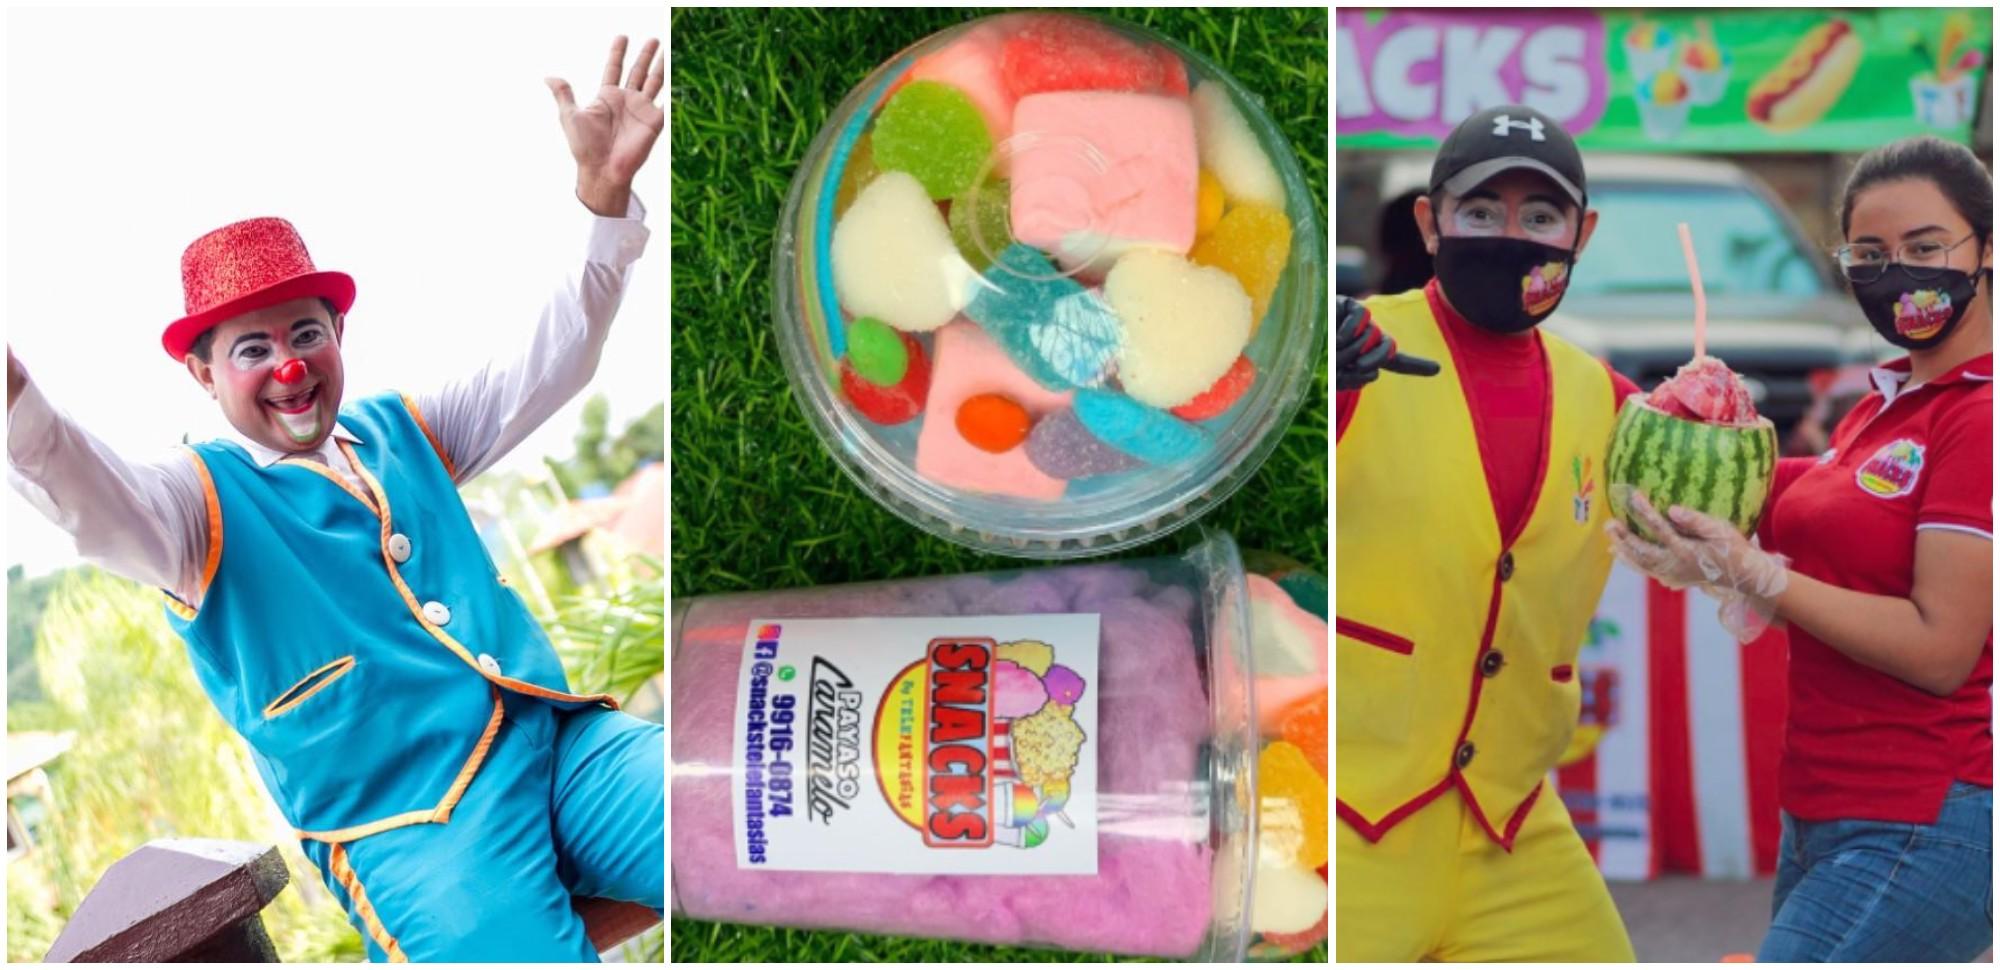 Payaso hondureño emprende con negocio de dulces y es una sensación